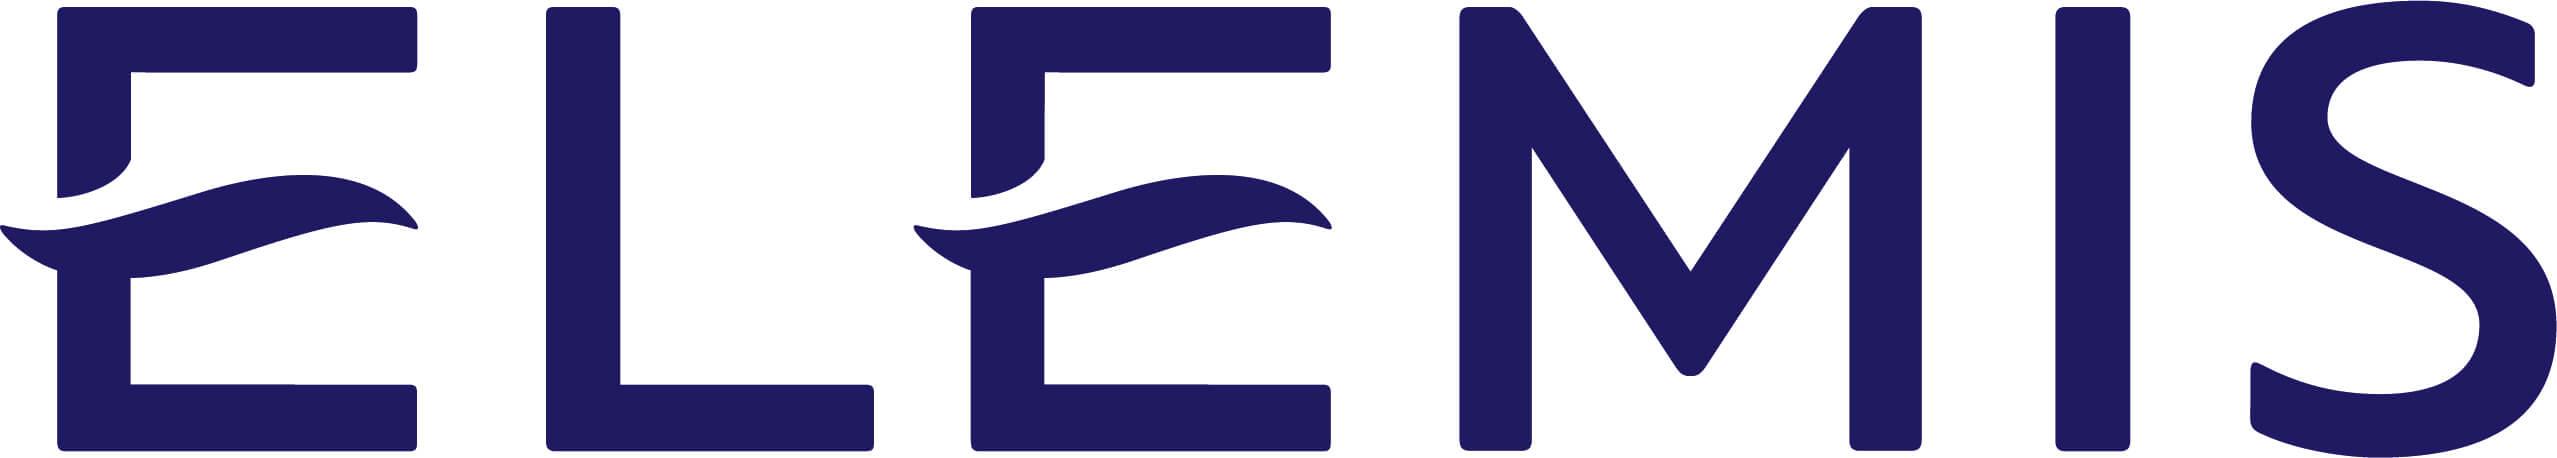 fluently/2021-01-11-3rp6h41ukjsl18b1-4xjlsxFZ6-ELEMIS_Master_Logo_CMYK.jpg